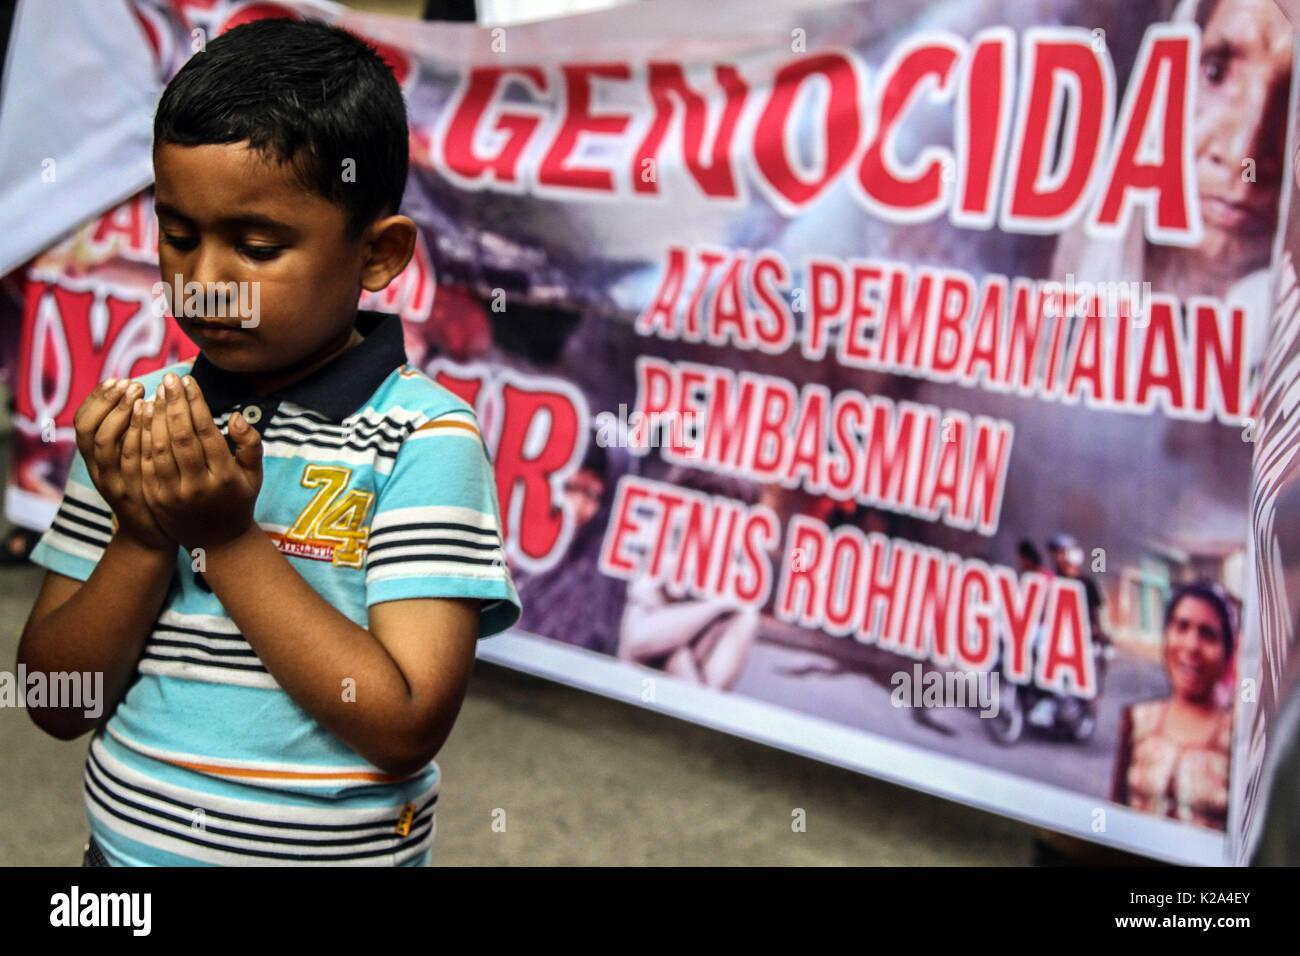 Medan, Nordsumatra, Indonesien. 30 Aug, 2017. Hasmat Rohingya-Indonesia Tullah, muslimische Flüchtlinge Jugendliche an einer Demonstration der Solidarität gegen die Verfolgung ihrer Bürger, die außerhalb der Gebäude des Rates in Medan am 30.August 2017, Indonesien. Dringende Demonstranten der Vereinten Nationen (UNO) unter dem Druck der myanmarischen Regierung das Problem der Schlachtung der muslimischen Gemeinschaft Rohingnya zu lösen. Credit: Ivan Damanik/ZUMA Draht/Alamy leben Nachrichten Stockfoto